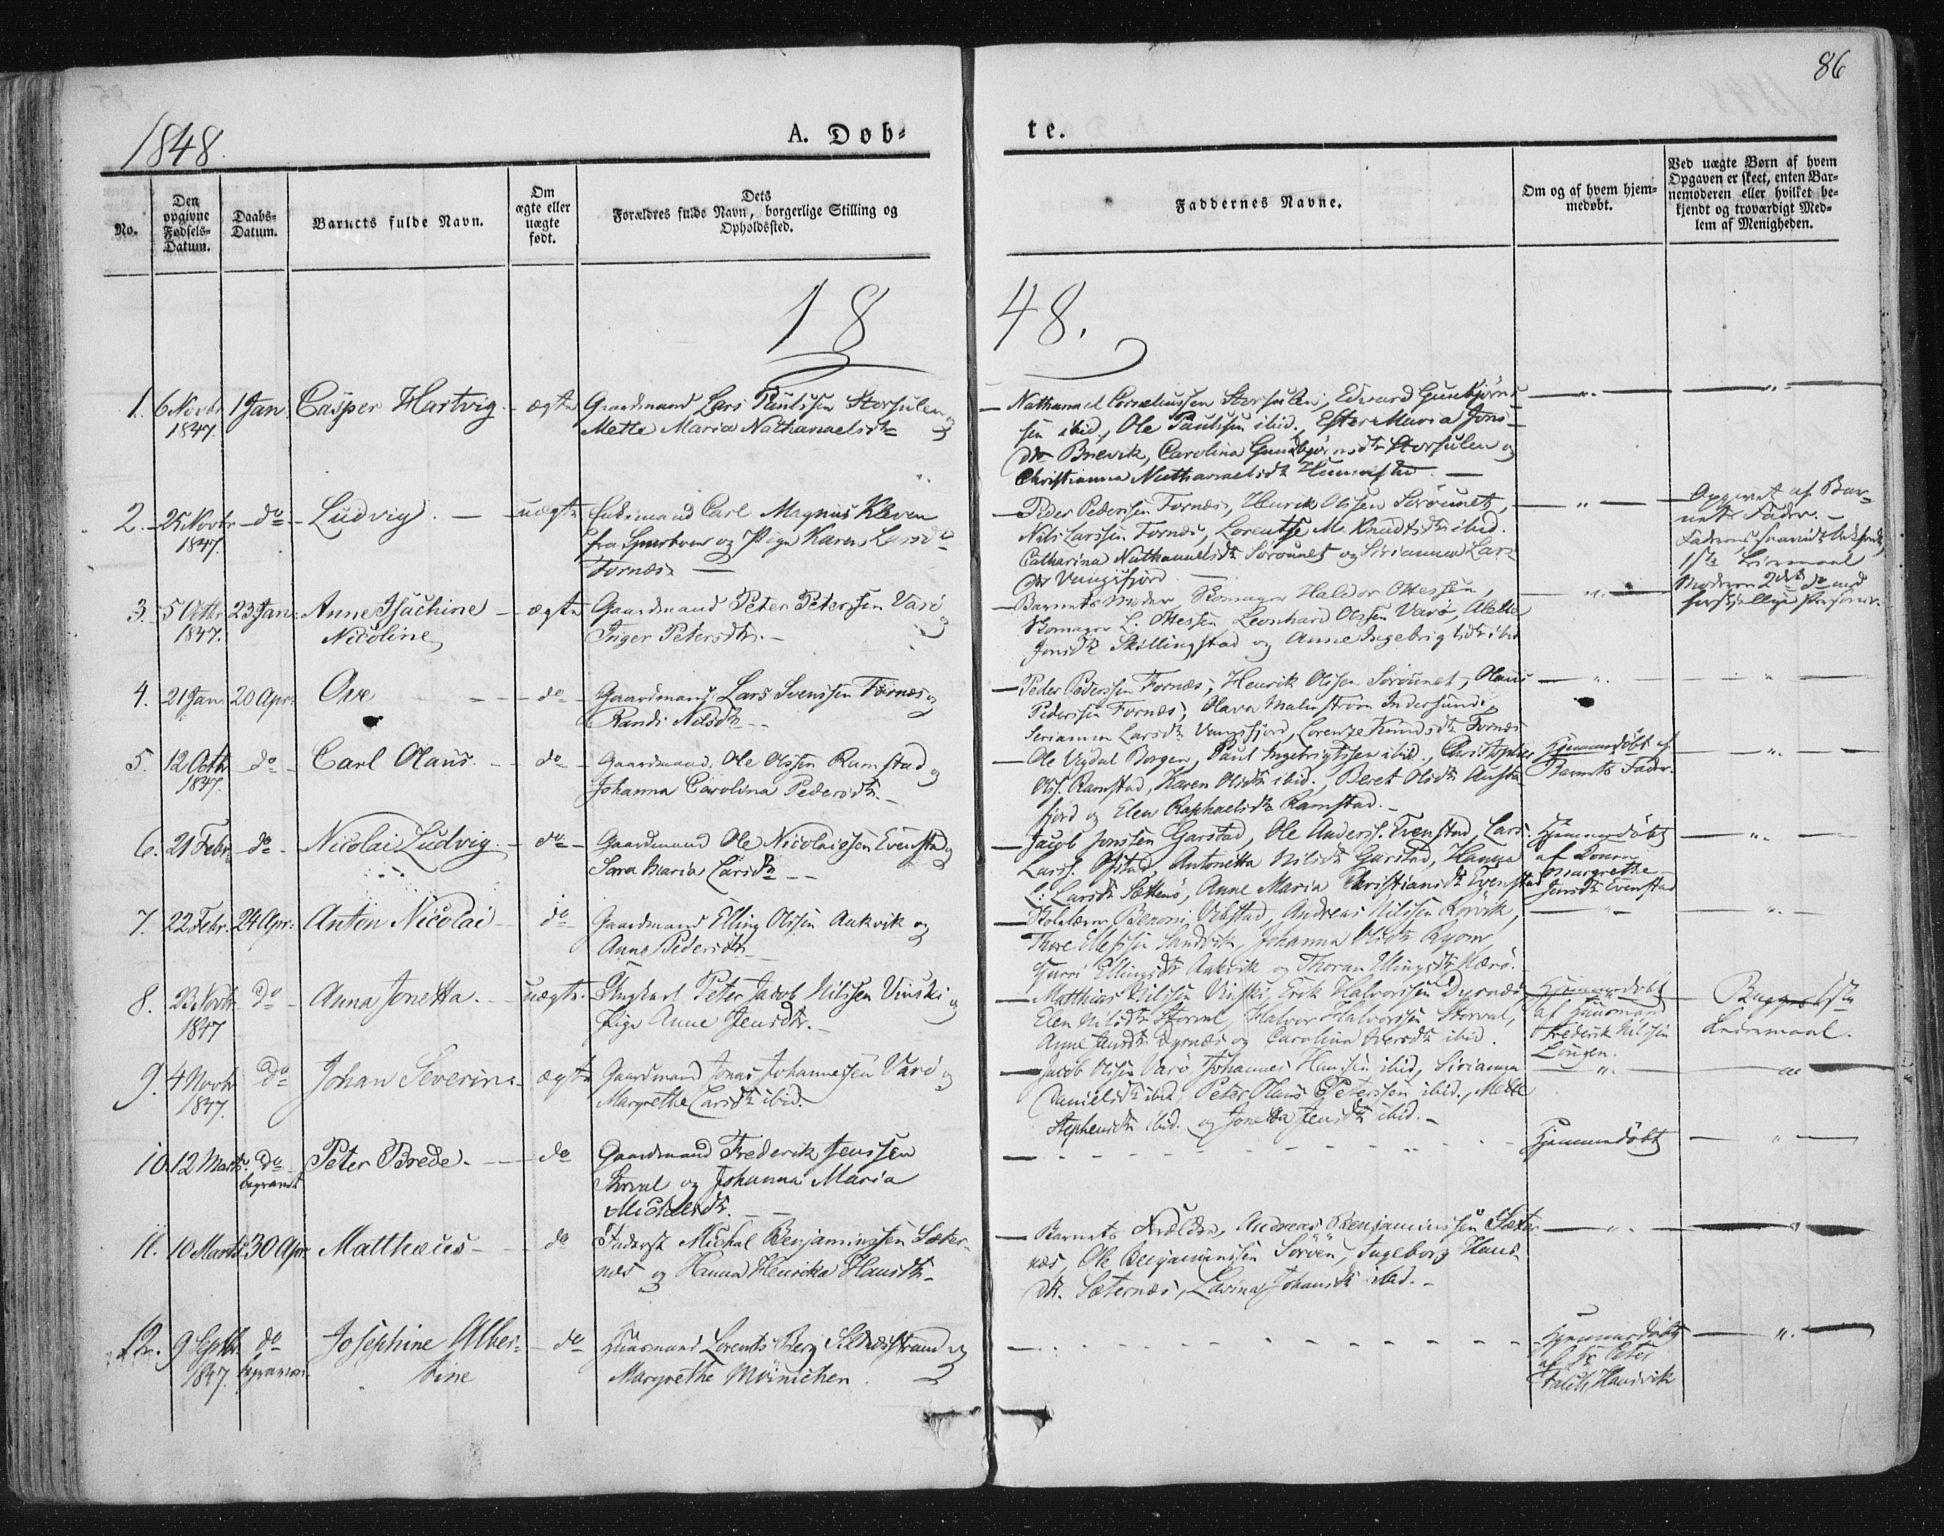 SAT, Ministerialprotokoller, klokkerbøker og fødselsregistre - Nord-Trøndelag, 784/L0669: Ministerialbok nr. 784A04, 1829-1859, s. 86